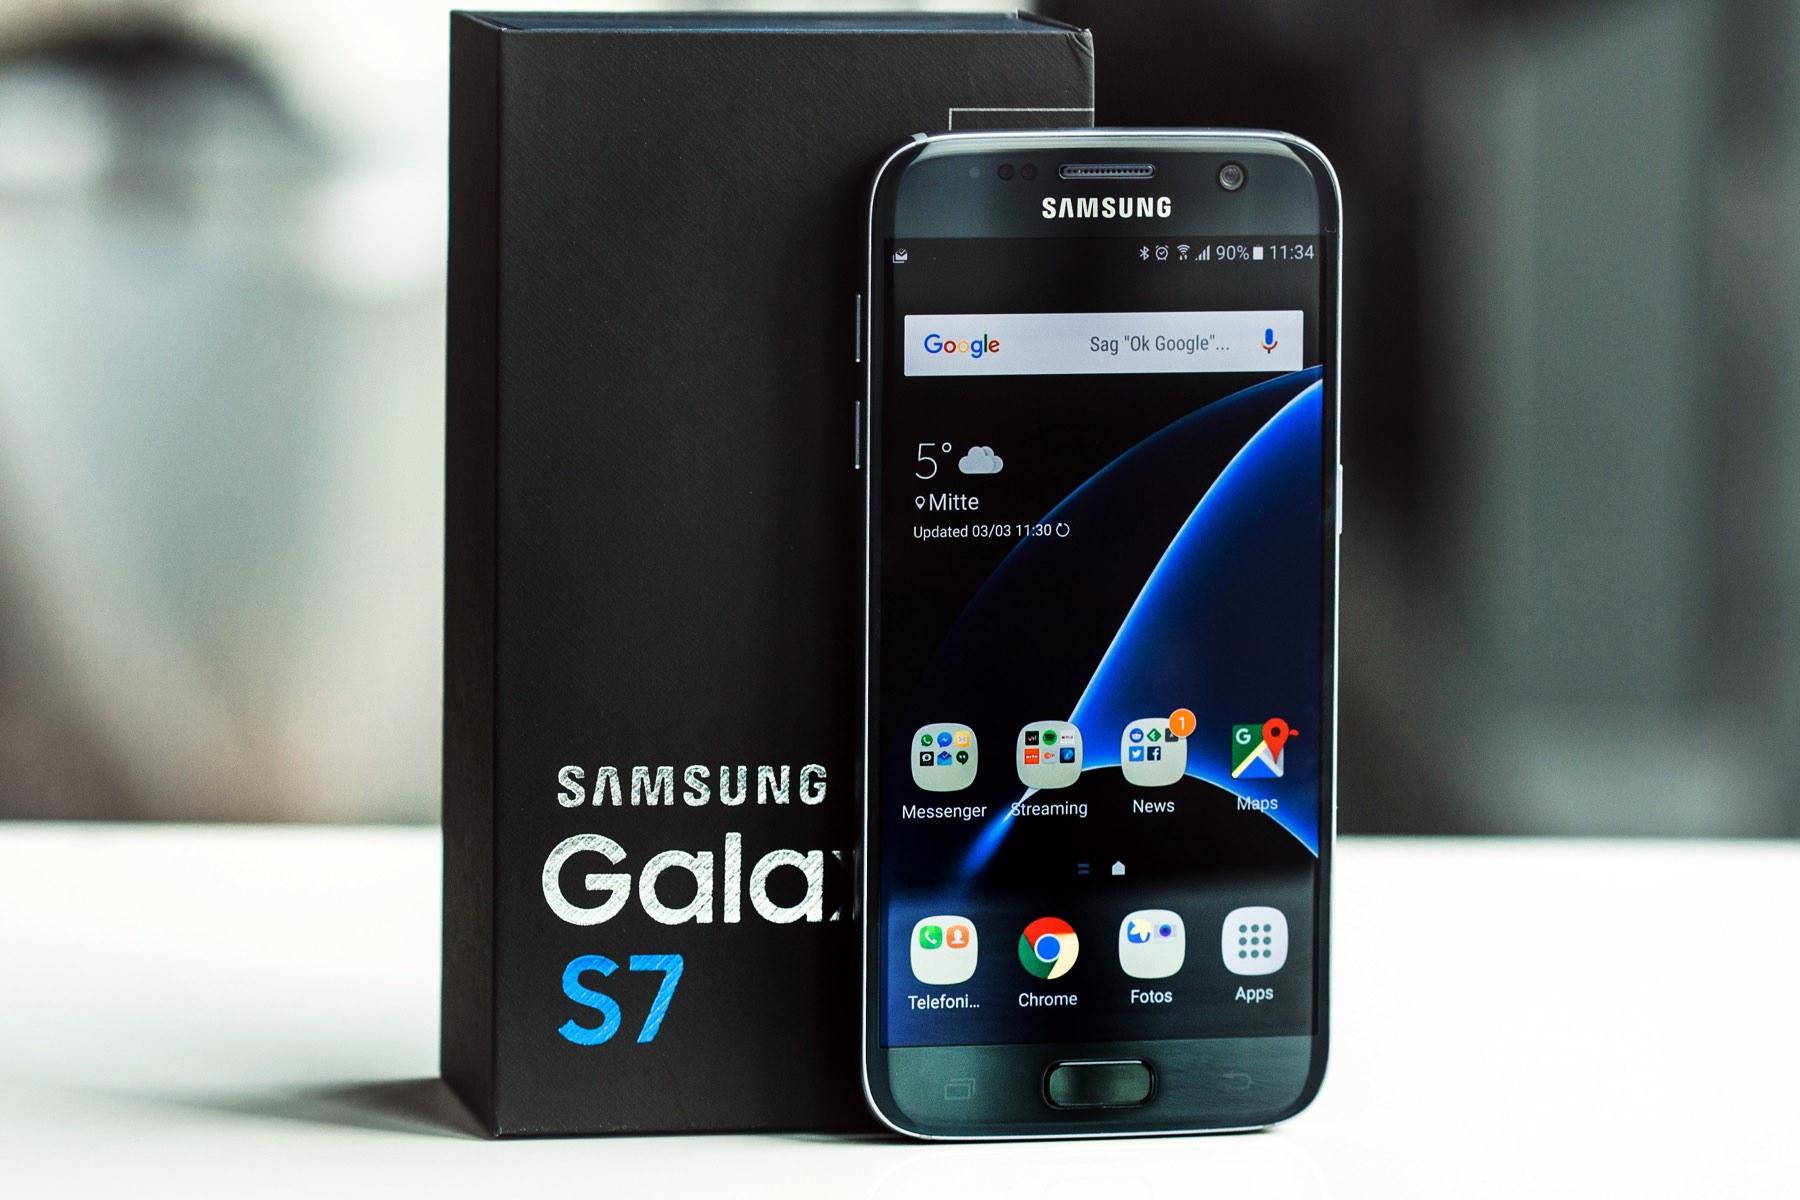 Эксперты посчитали себестоимость смартфона Samsung Galaxy S7